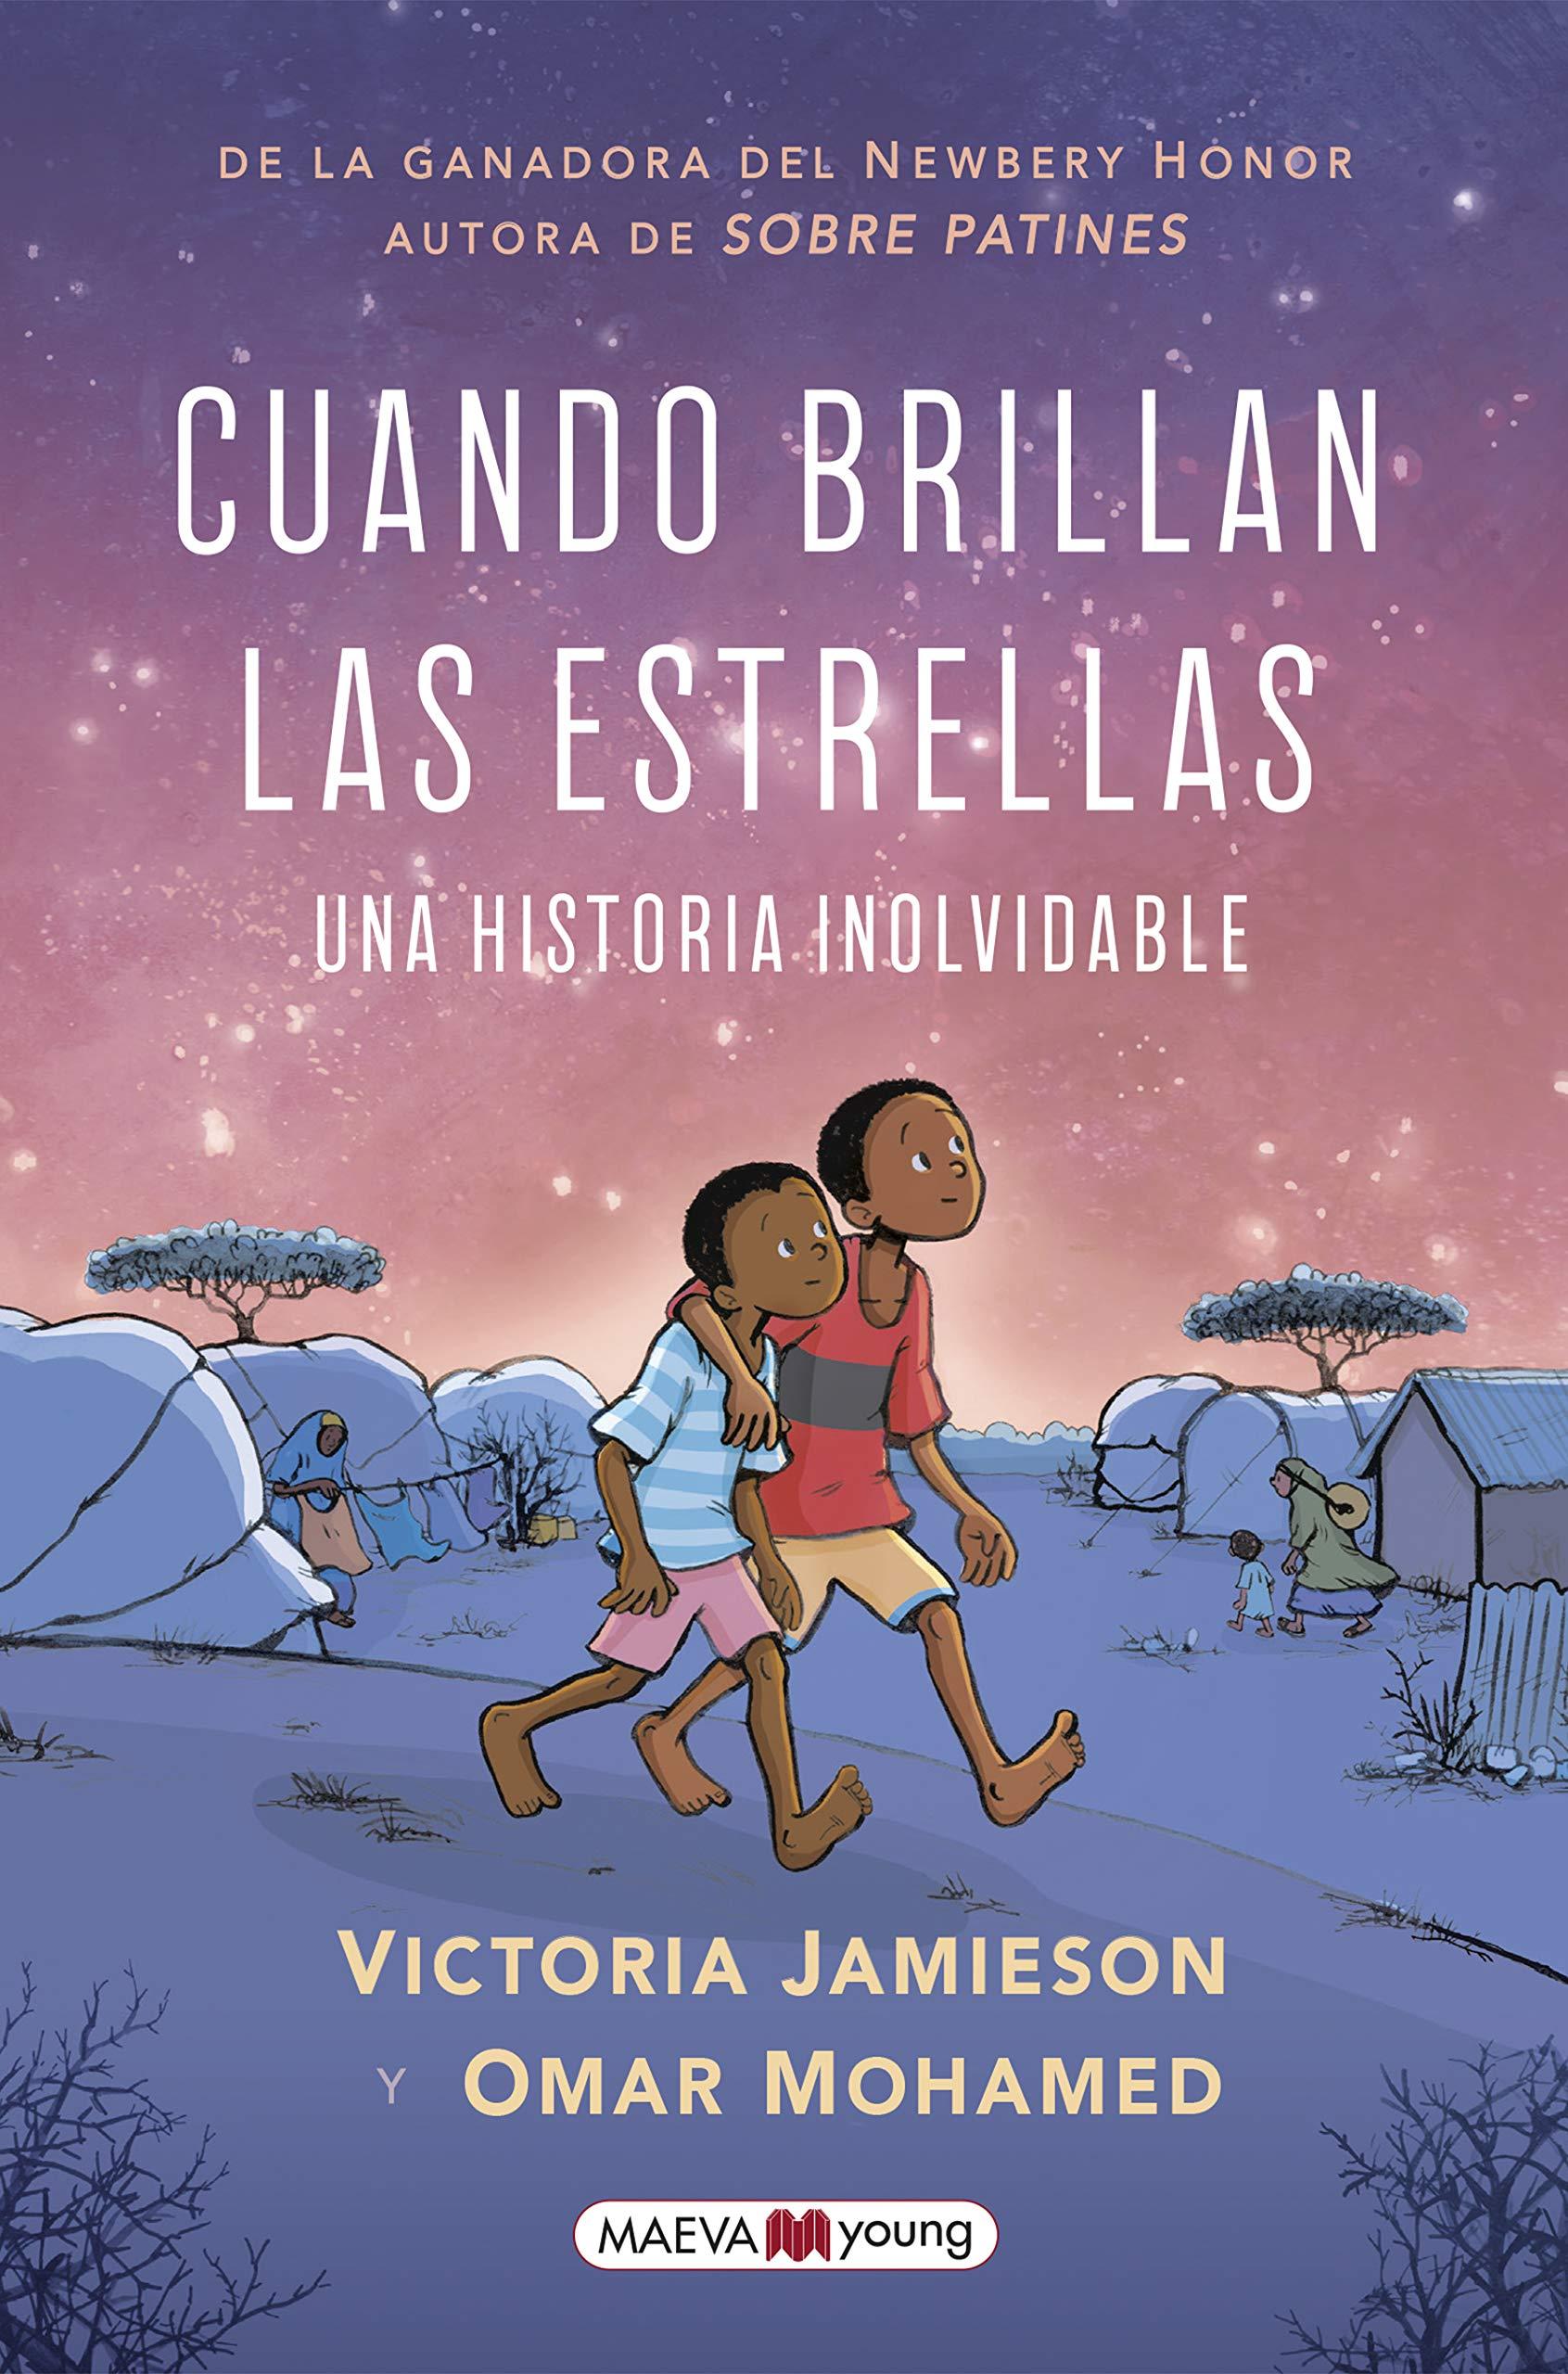 Cuando brillan las estrellas - Selección de libros infantiles y juveniles